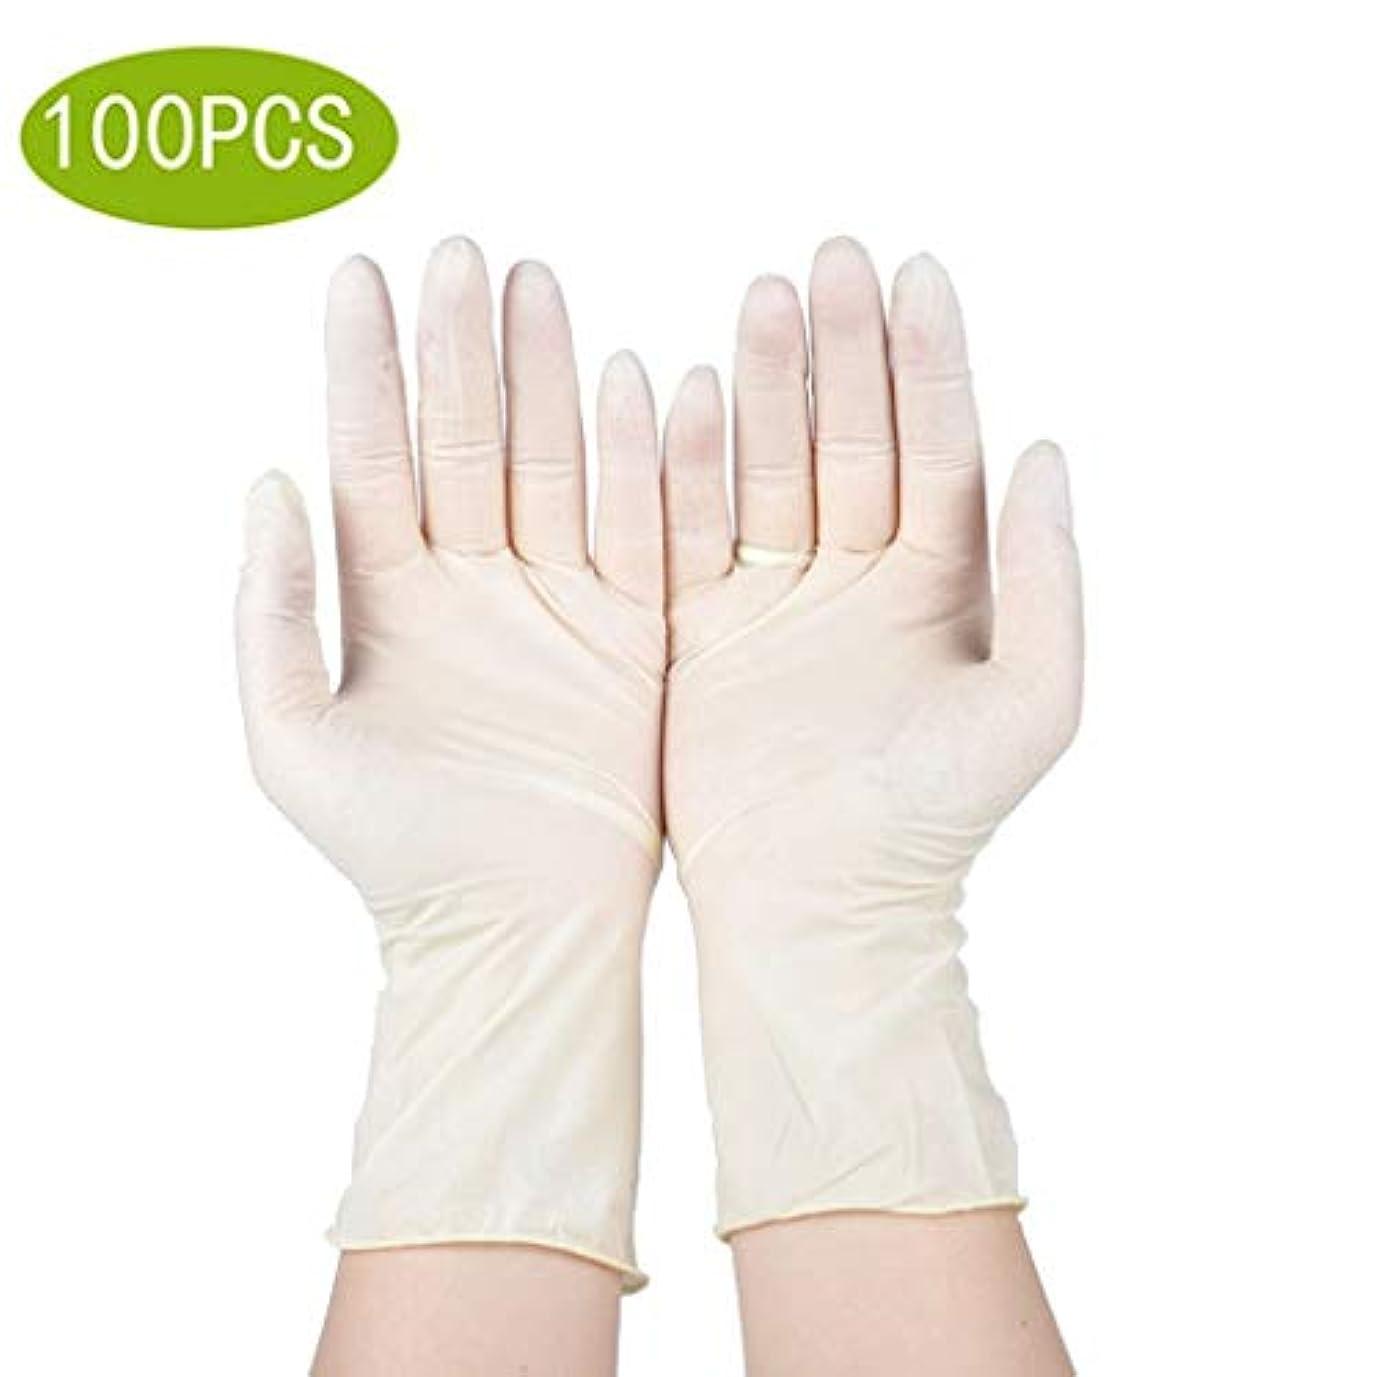 ラフ睡眠ペニー悲しいことにニトリル手袋義務使い捨てビニール手袋、100カウント、特大 - パウダーフリー、両用性、超快適、極度の強度、耐久性と伸縮性、医療、食品、マルチユース (Color : Latex Gloves, Size : M)